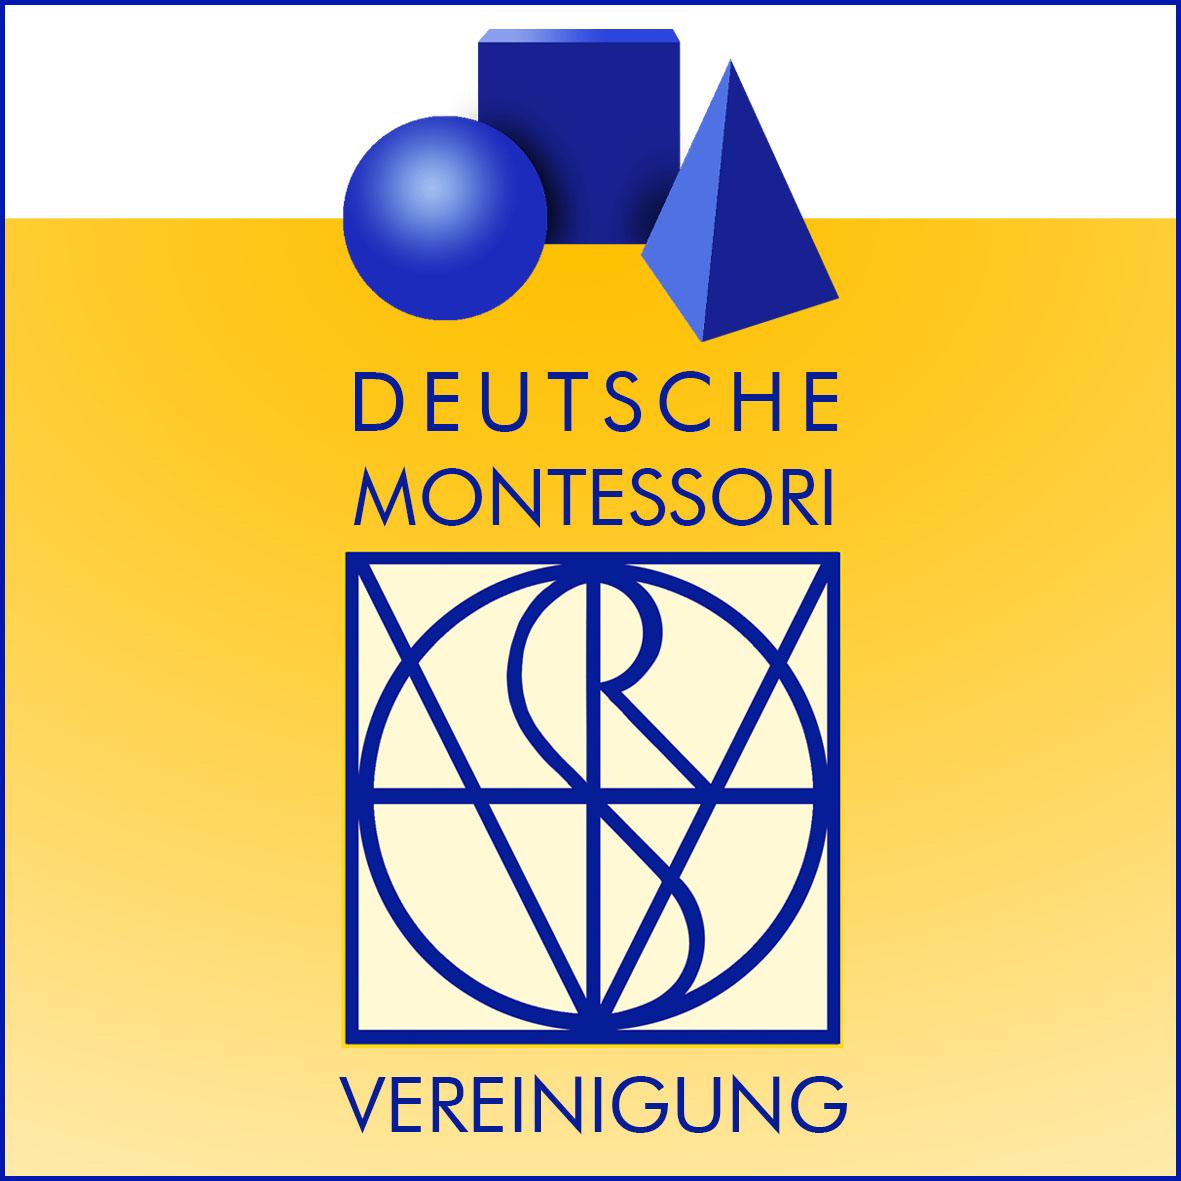 Deutsche Montessori Vereinigung (DMV)